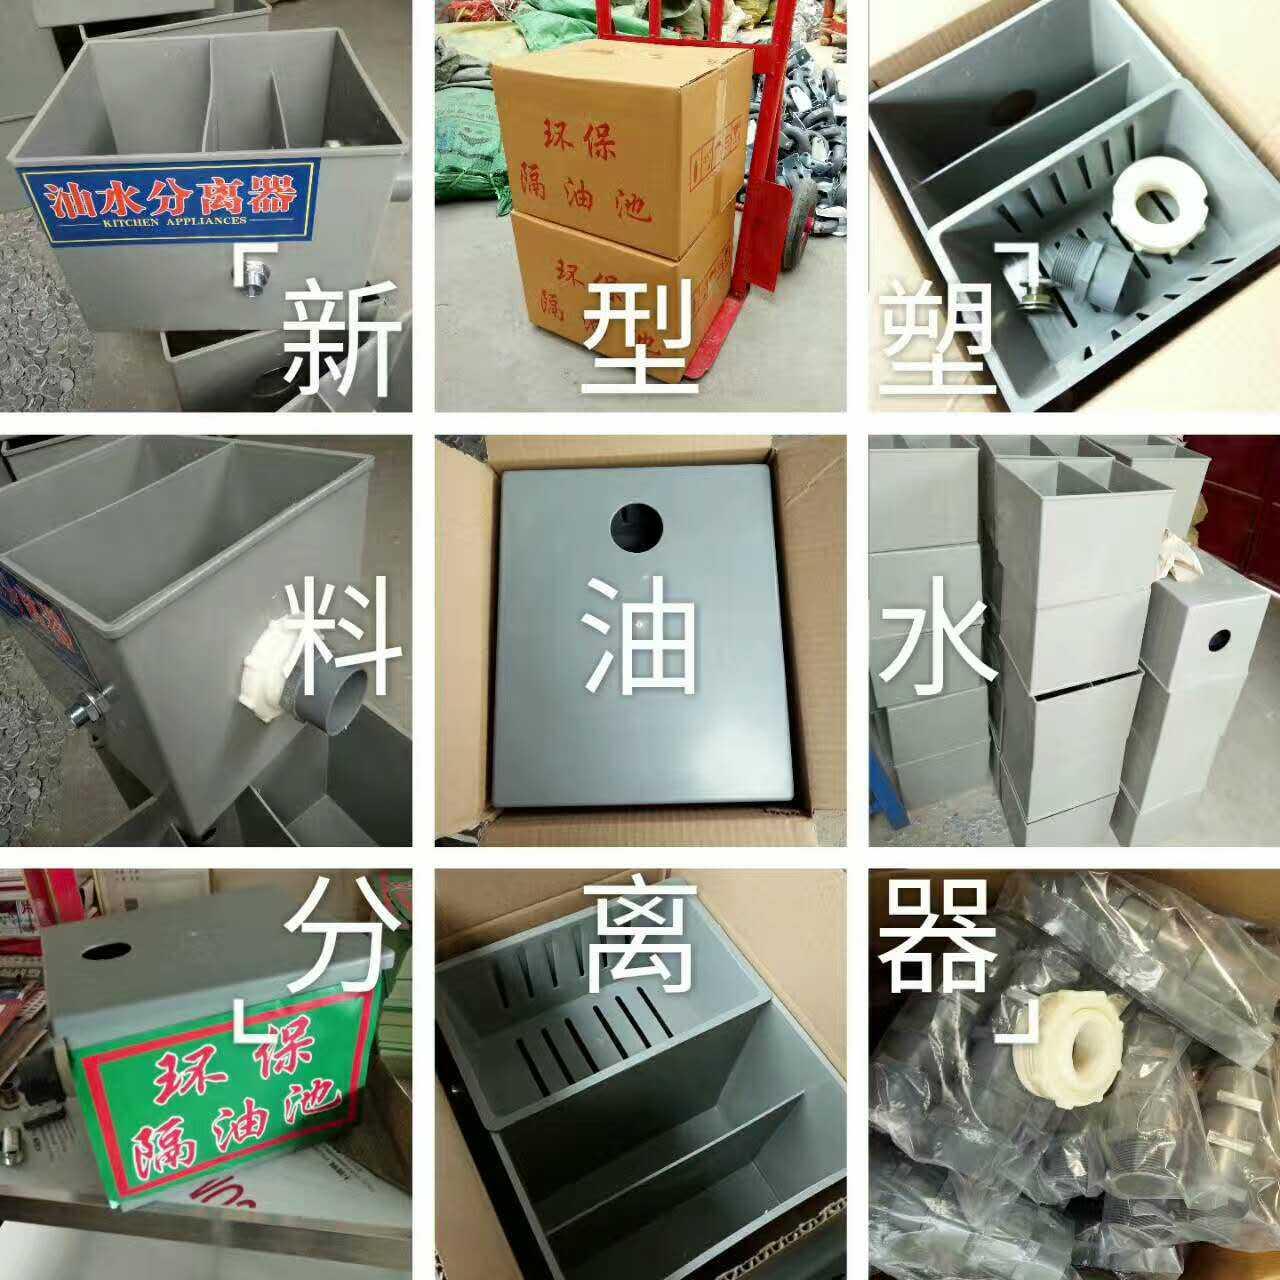 山东油水分离器供应商-淄博哪里有口碑好的油水分离器供应